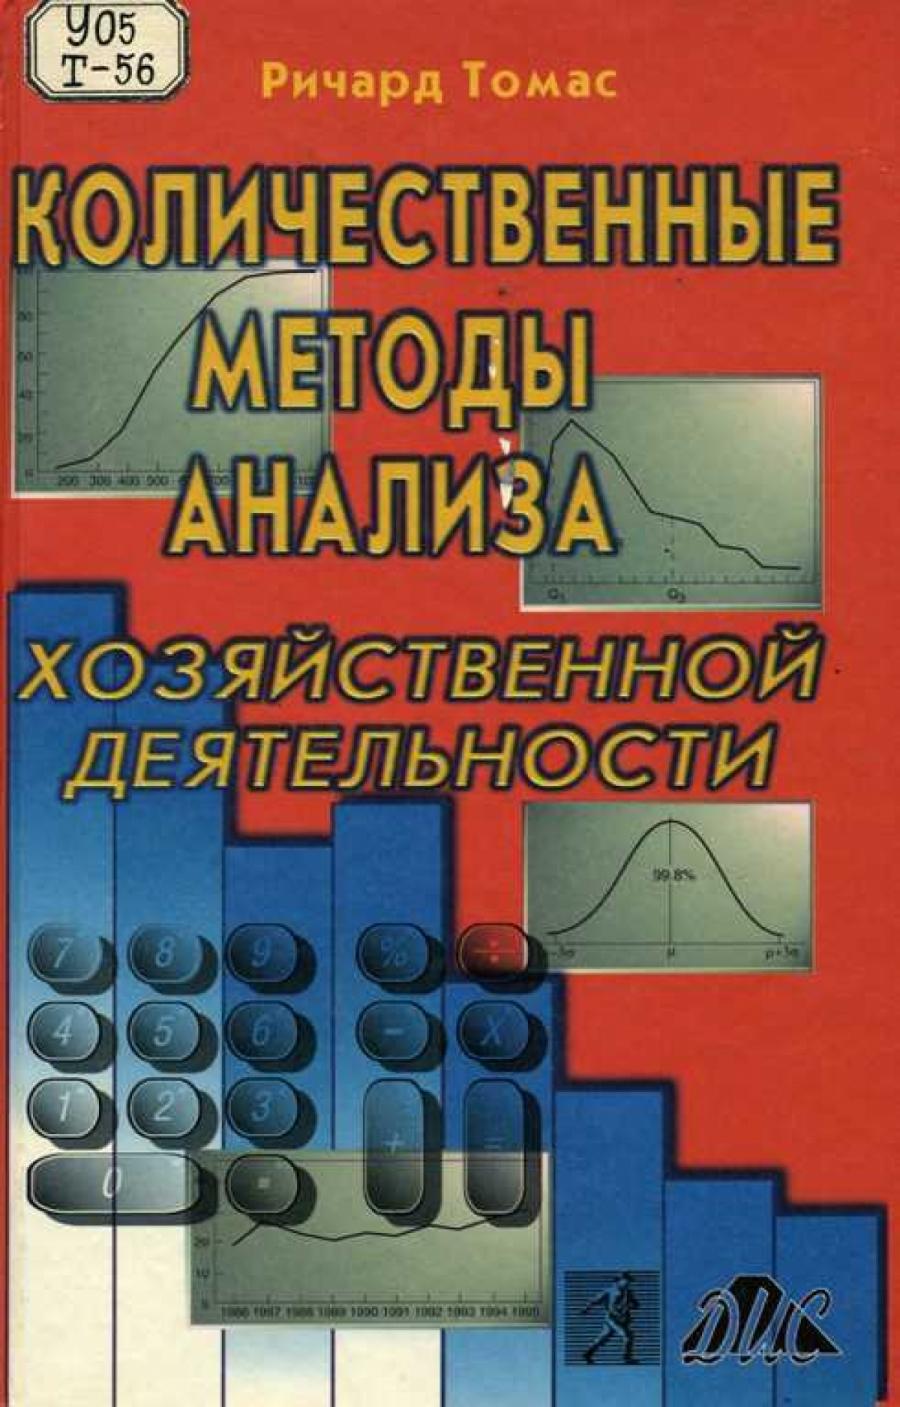 Обложка книги:  ричард томас - количественные методы анализа хозяйственной деятельности